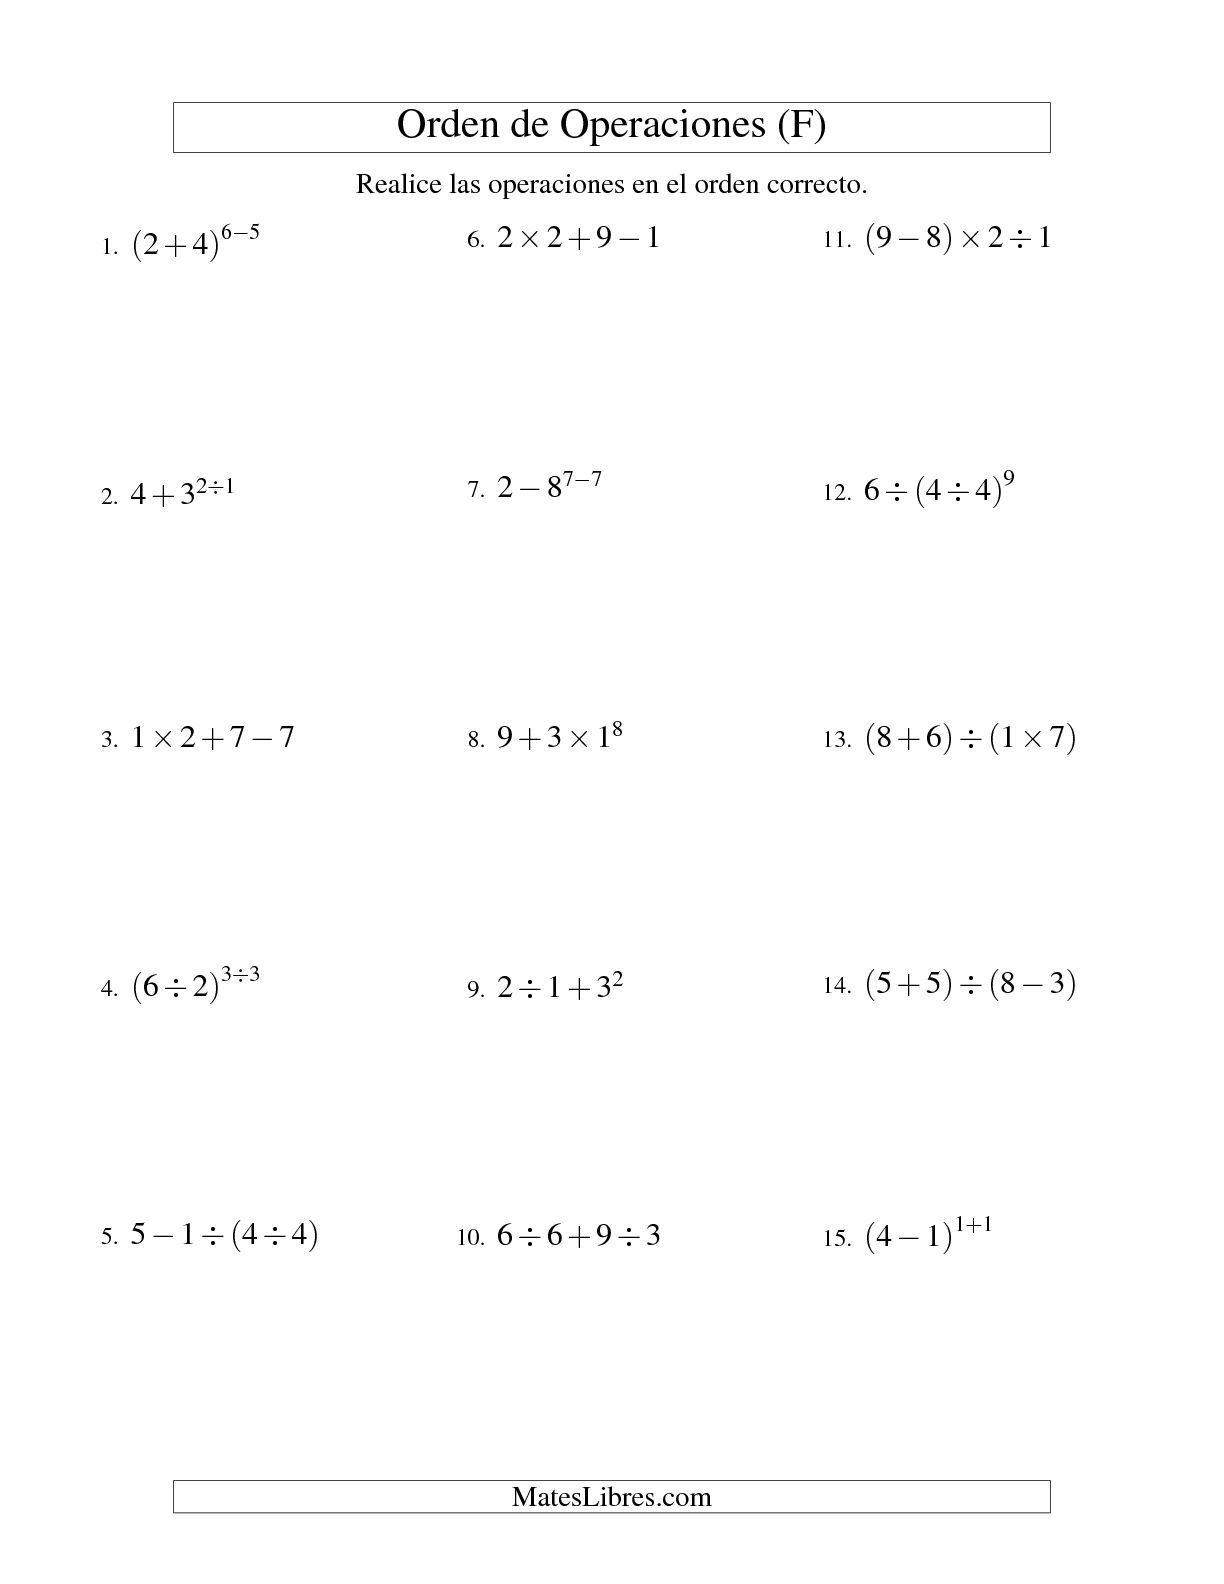 La Hoja De Ejercicios De Matematicas De Orden De